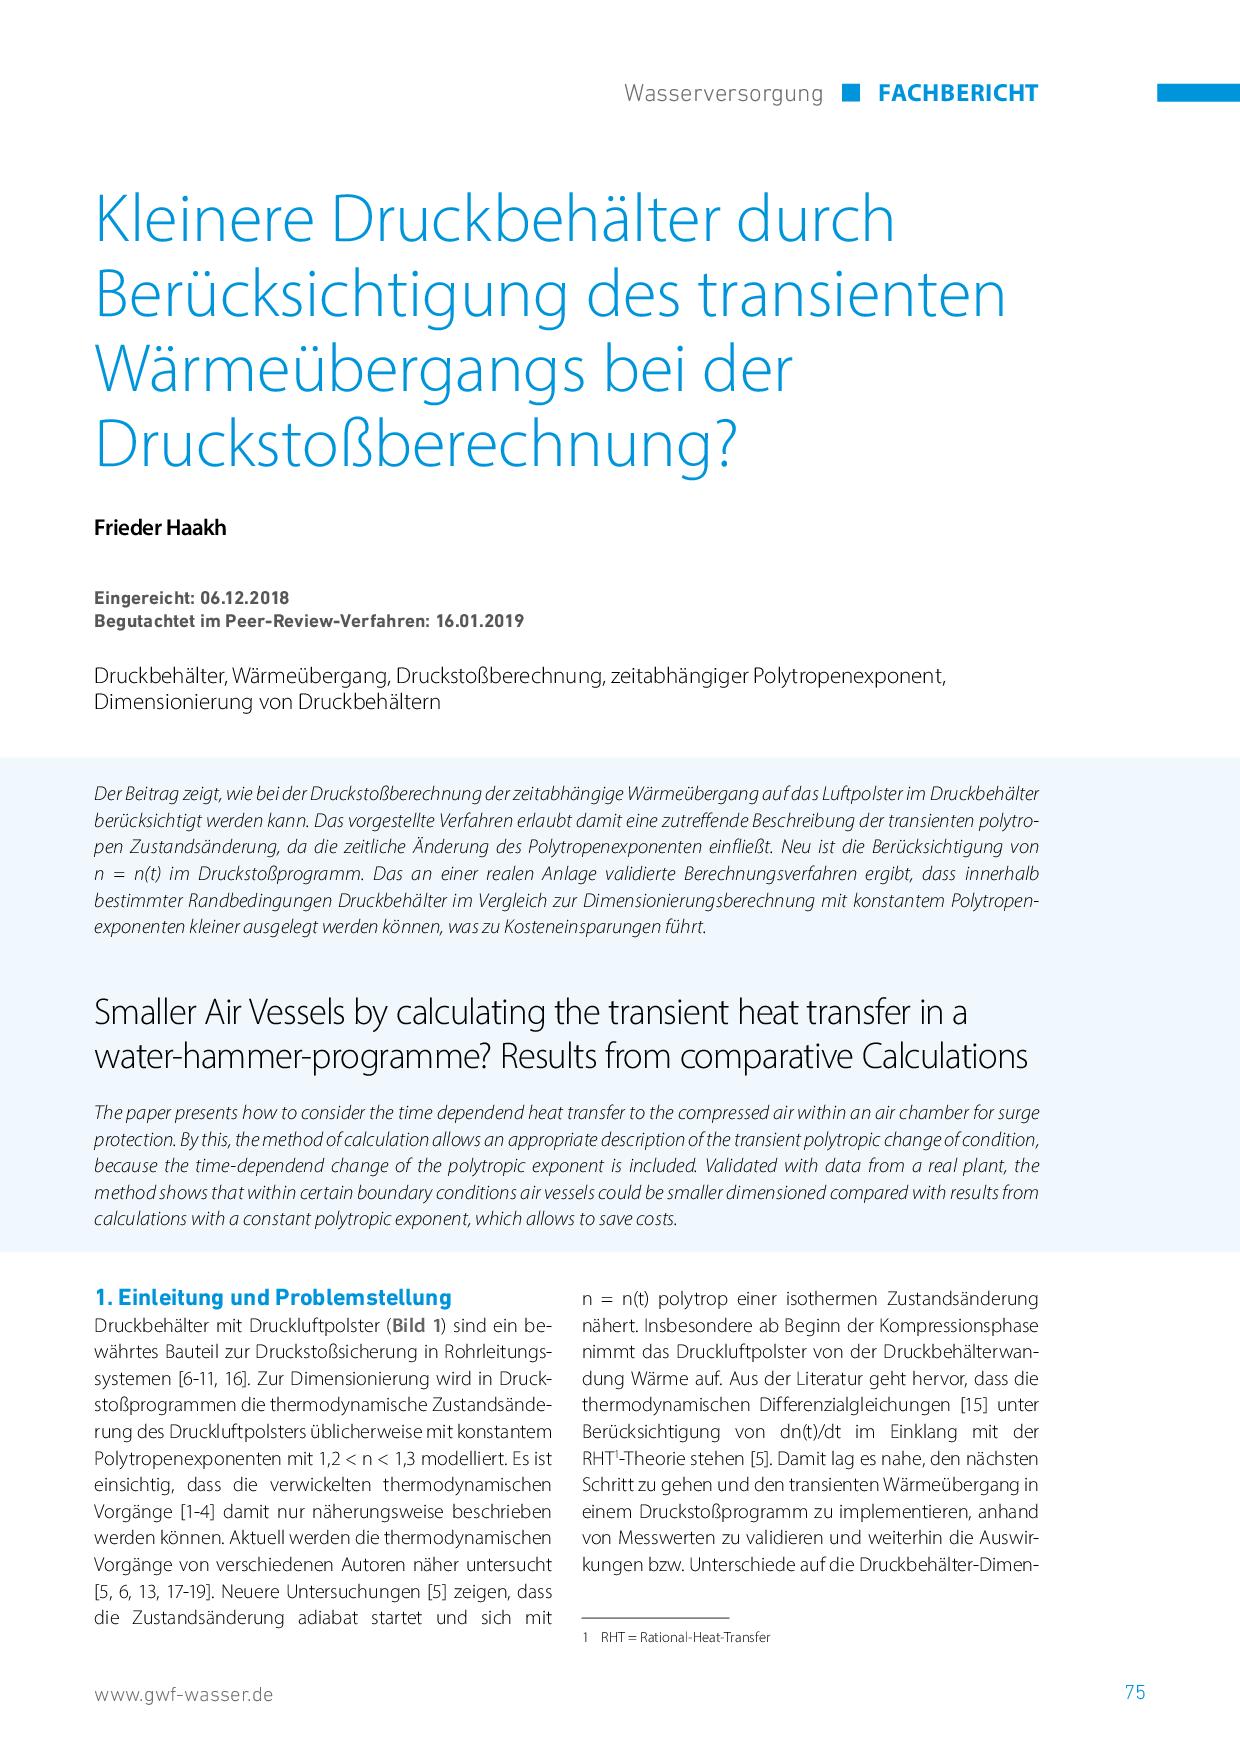 Kleinere Druckbehälter durch Berücksichtigung des transienten Wärmeübergangs bei der Druckstoßberechnung?